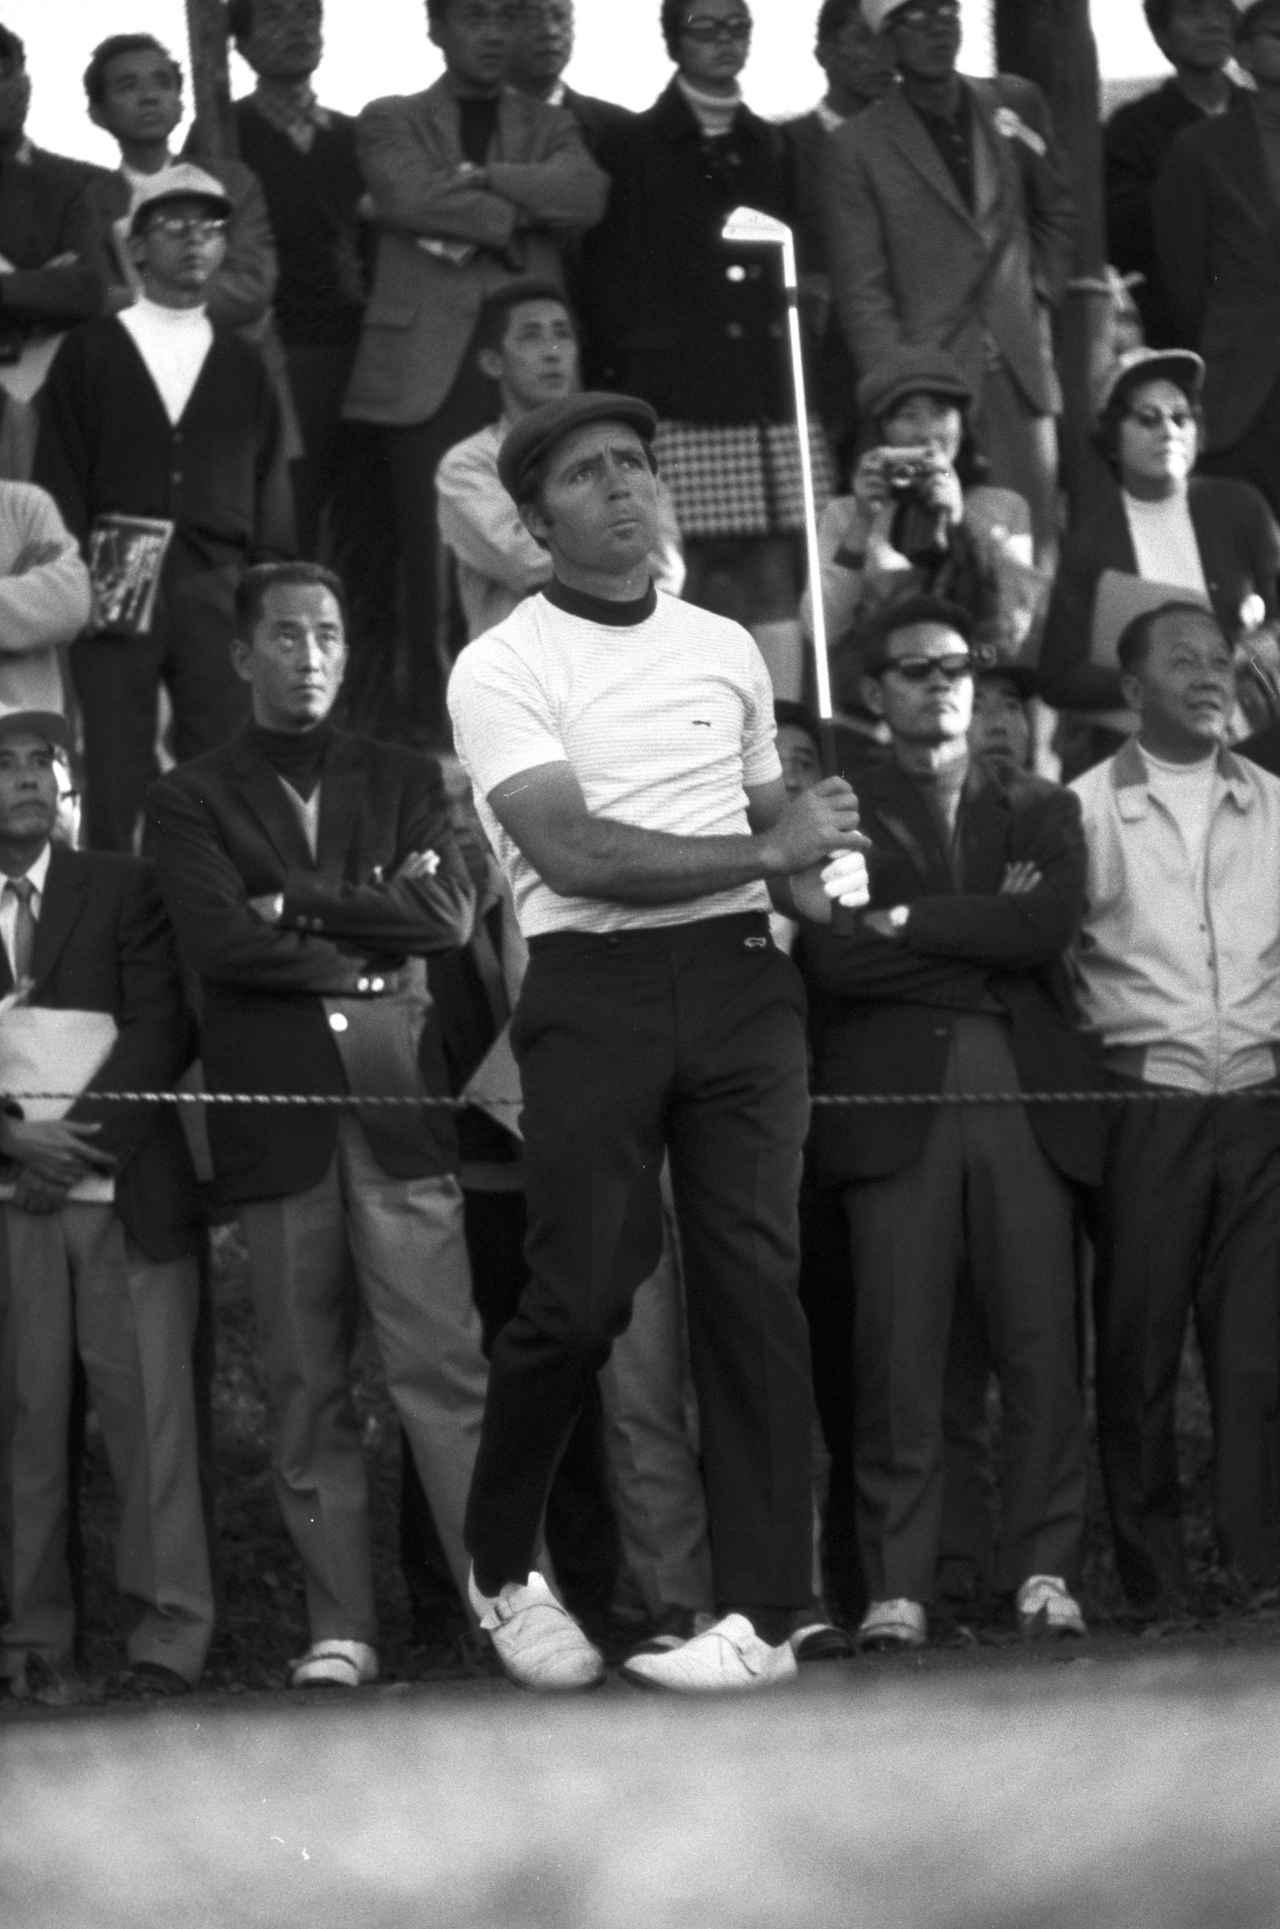 画像: 1935年、ヨハネスブルグ生まれ メジャー9勝(マスターズ3勝、全米オープン1勝 全英オープン3勝、全米プロ2勝)の世界で5人しかいない グランドスラマー。パーマー、ニクラスとともに ビッグ3と称されている